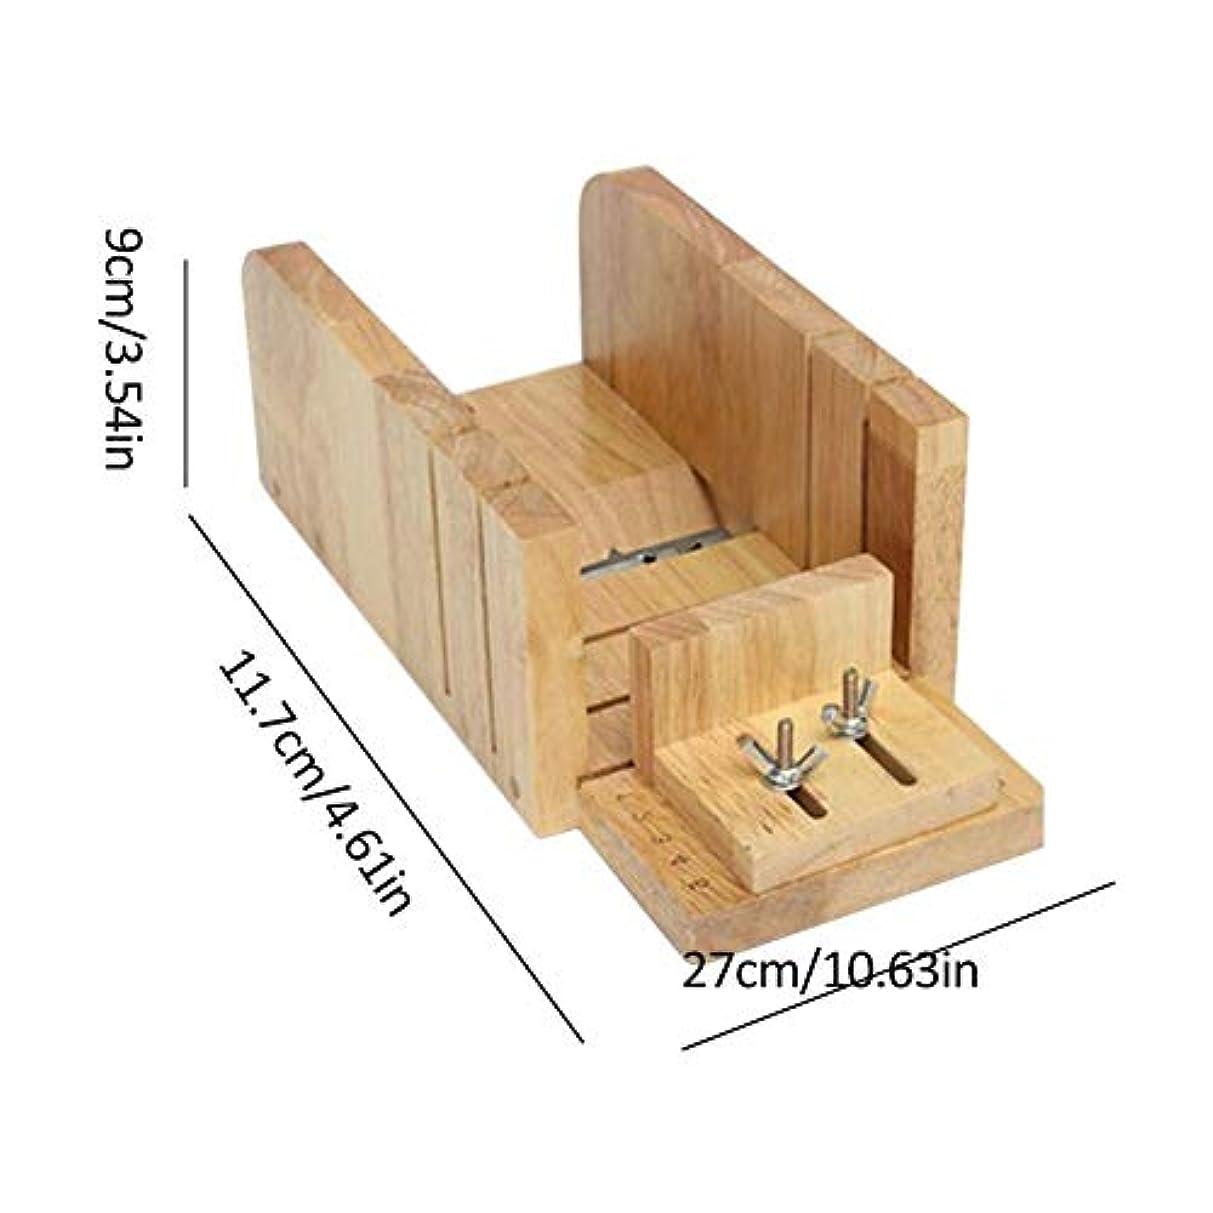 圧倒するカートン効能ある3点セット ソープカッター 石けん金型ソープロープ カッター 木製 カッター ツールDIY 手作り 木製ボックス松木製 ストレートソープ包丁 ナイフ モールドソープ調整可能レトロ